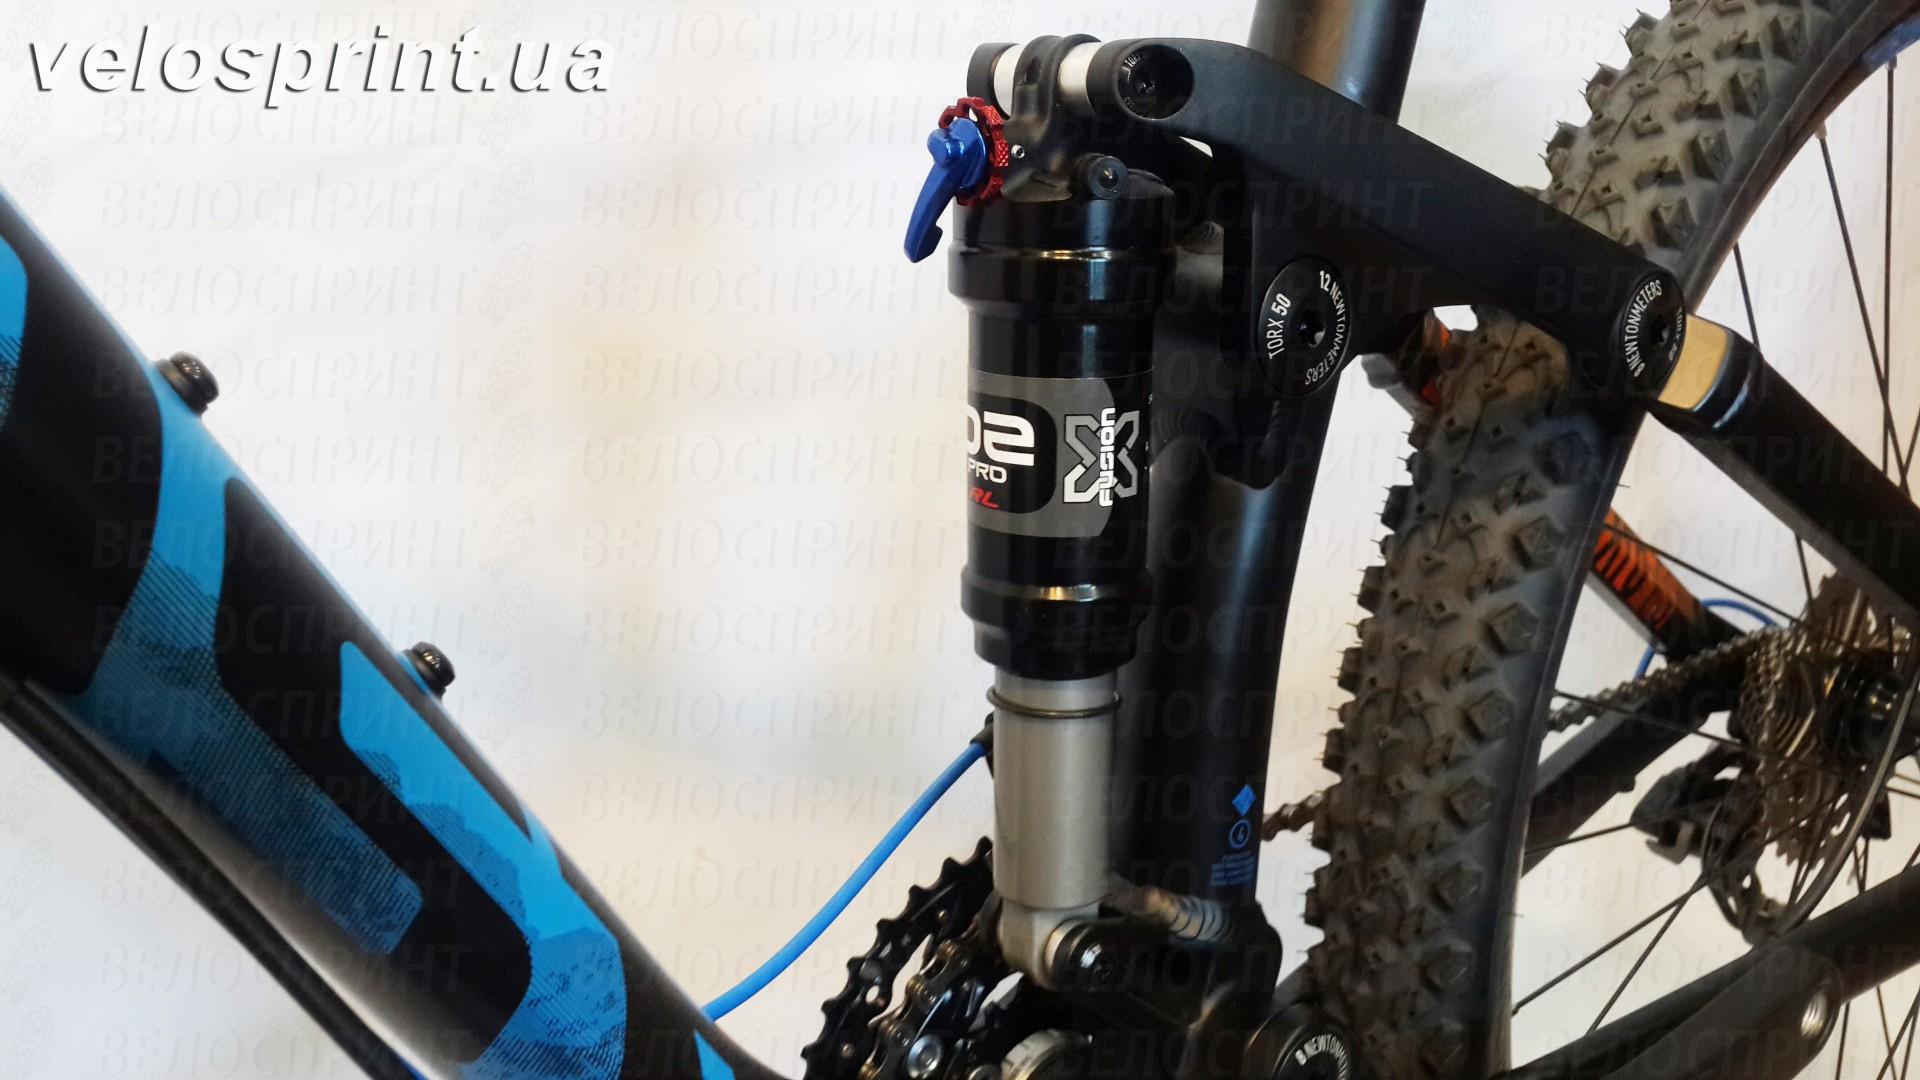 Велосипед GHOST Kato FS 2 AL 27.5 nightblack/riotblue/monarchorange задний амортизатор год 2017